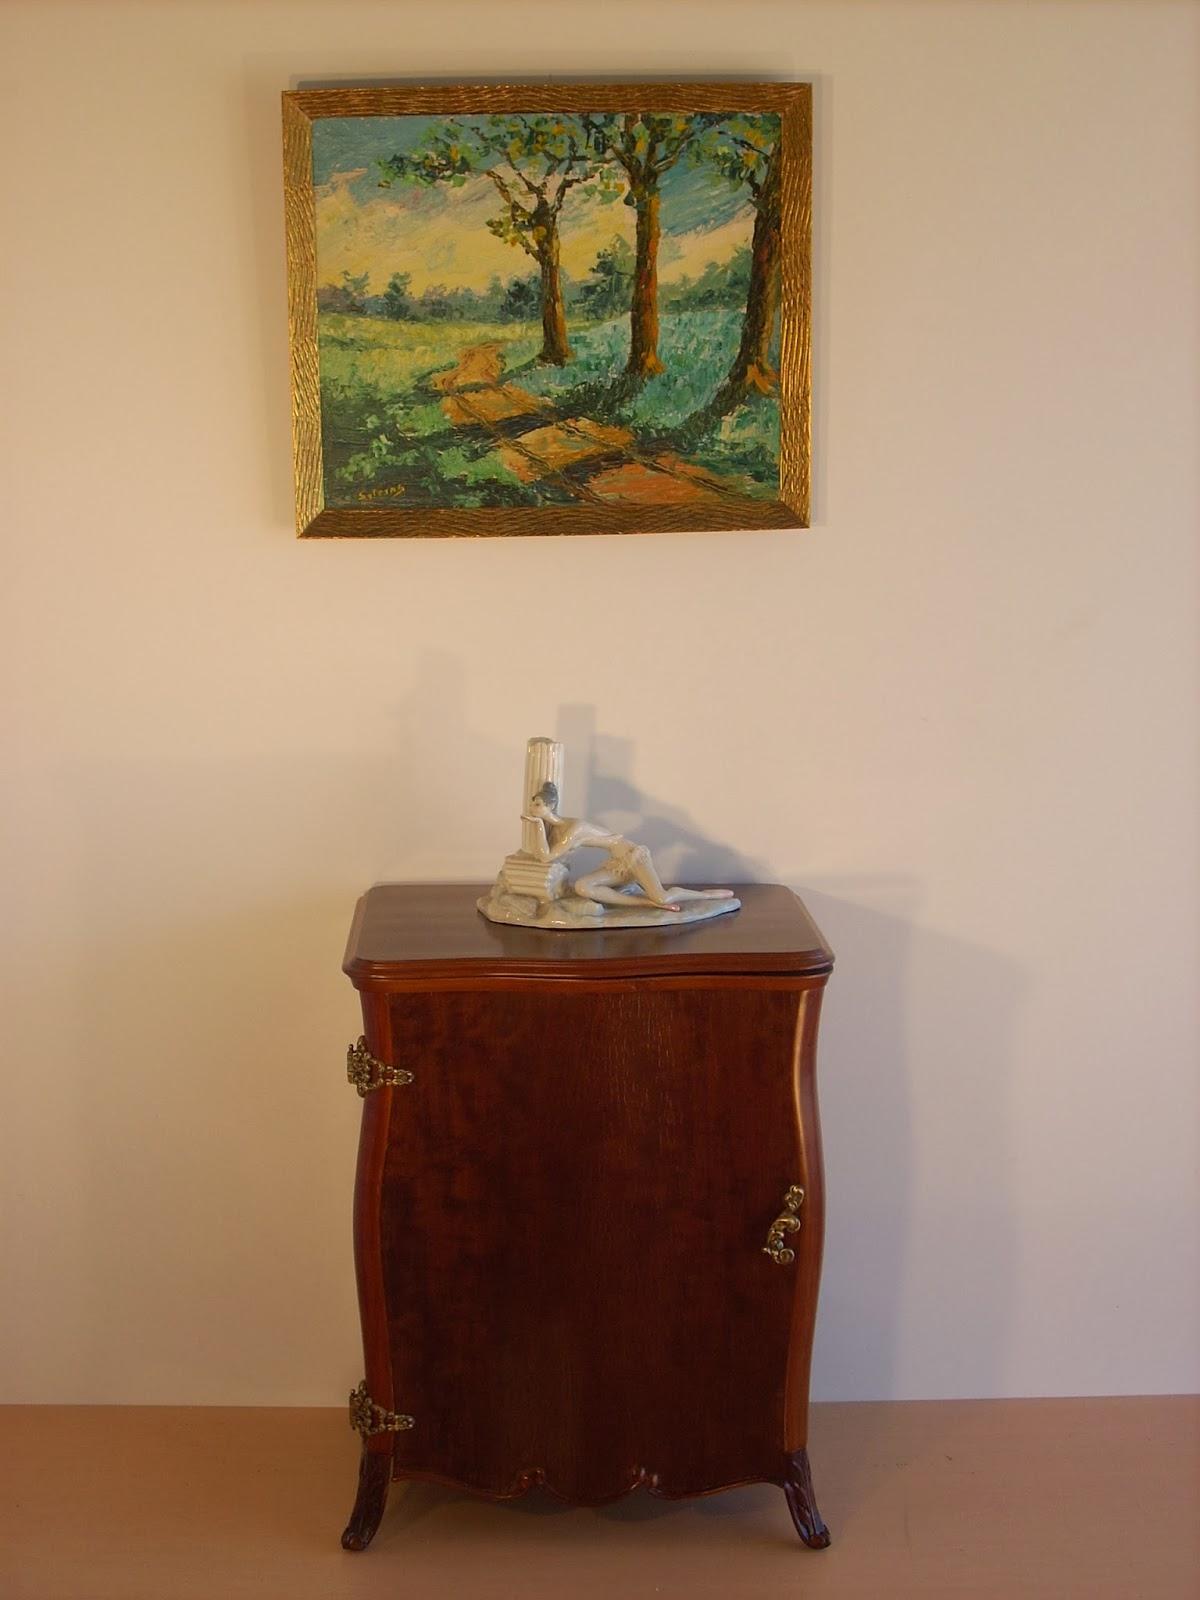 Venta De Muebles Restaurados : Venta muebles antiguos caoba vangion